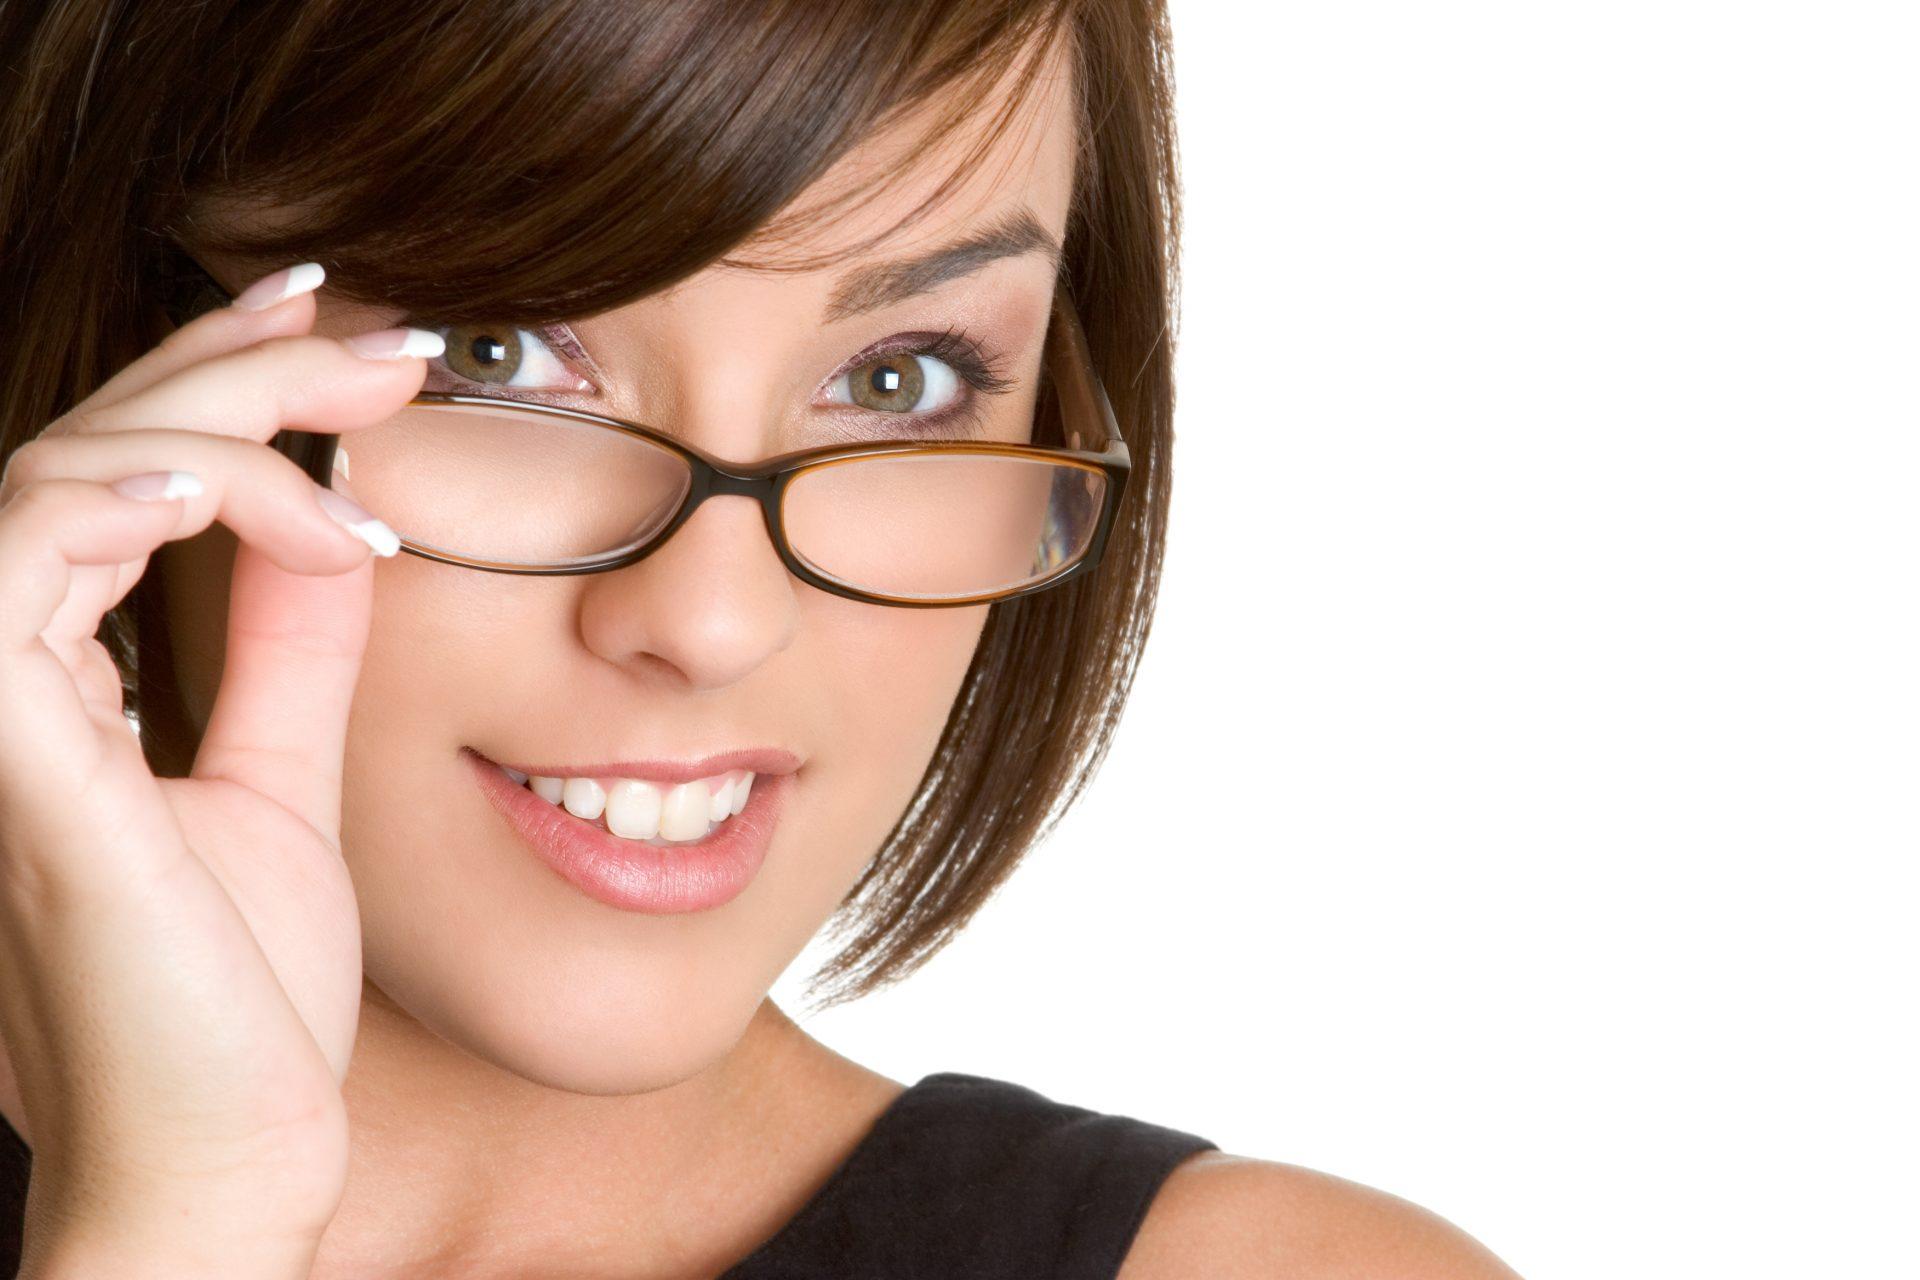 EyeStyle Optical